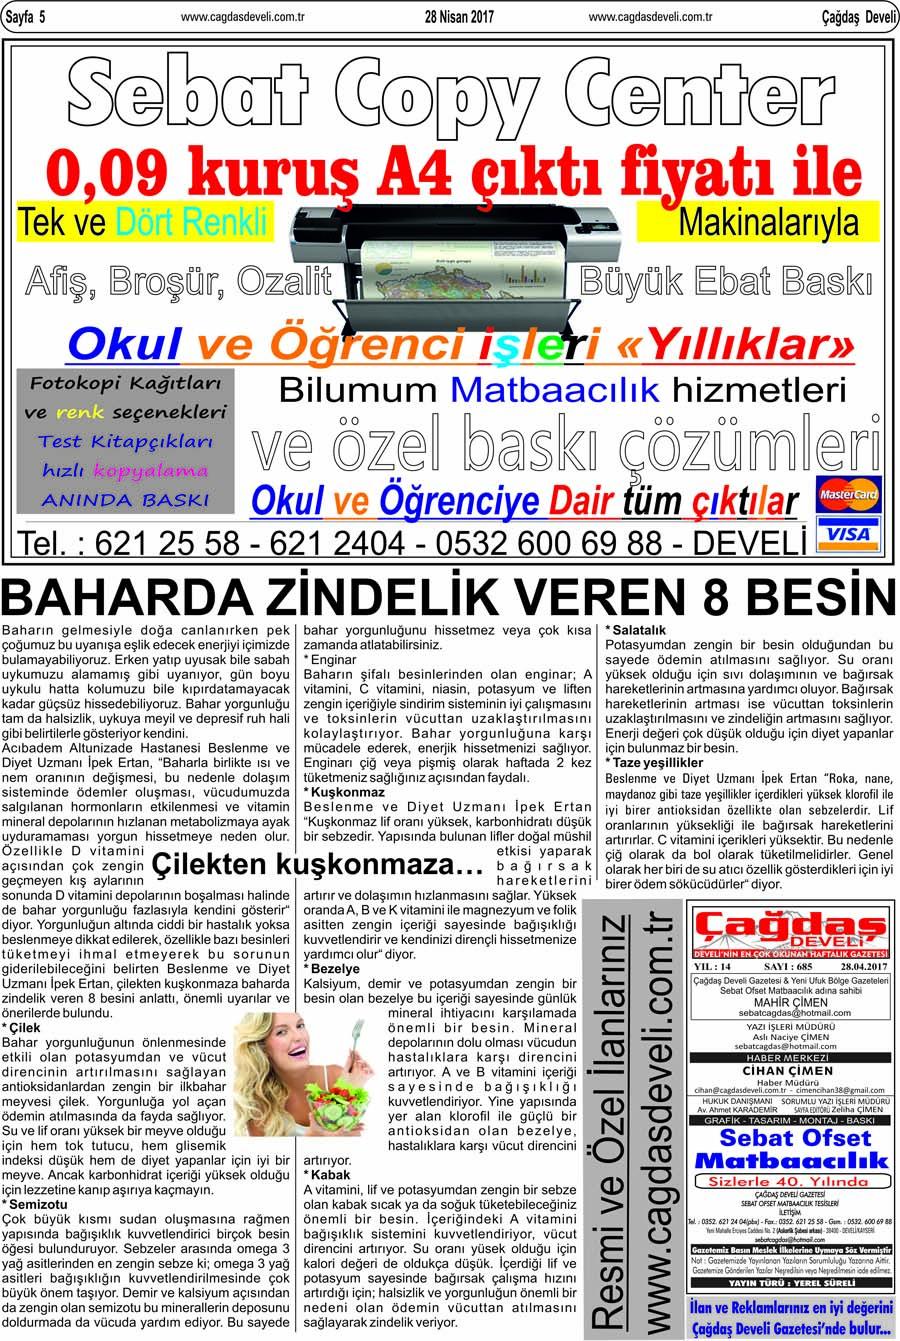 Çağdaş Develi Gazetesi, 28 Nisan 2017, Sayfa 5